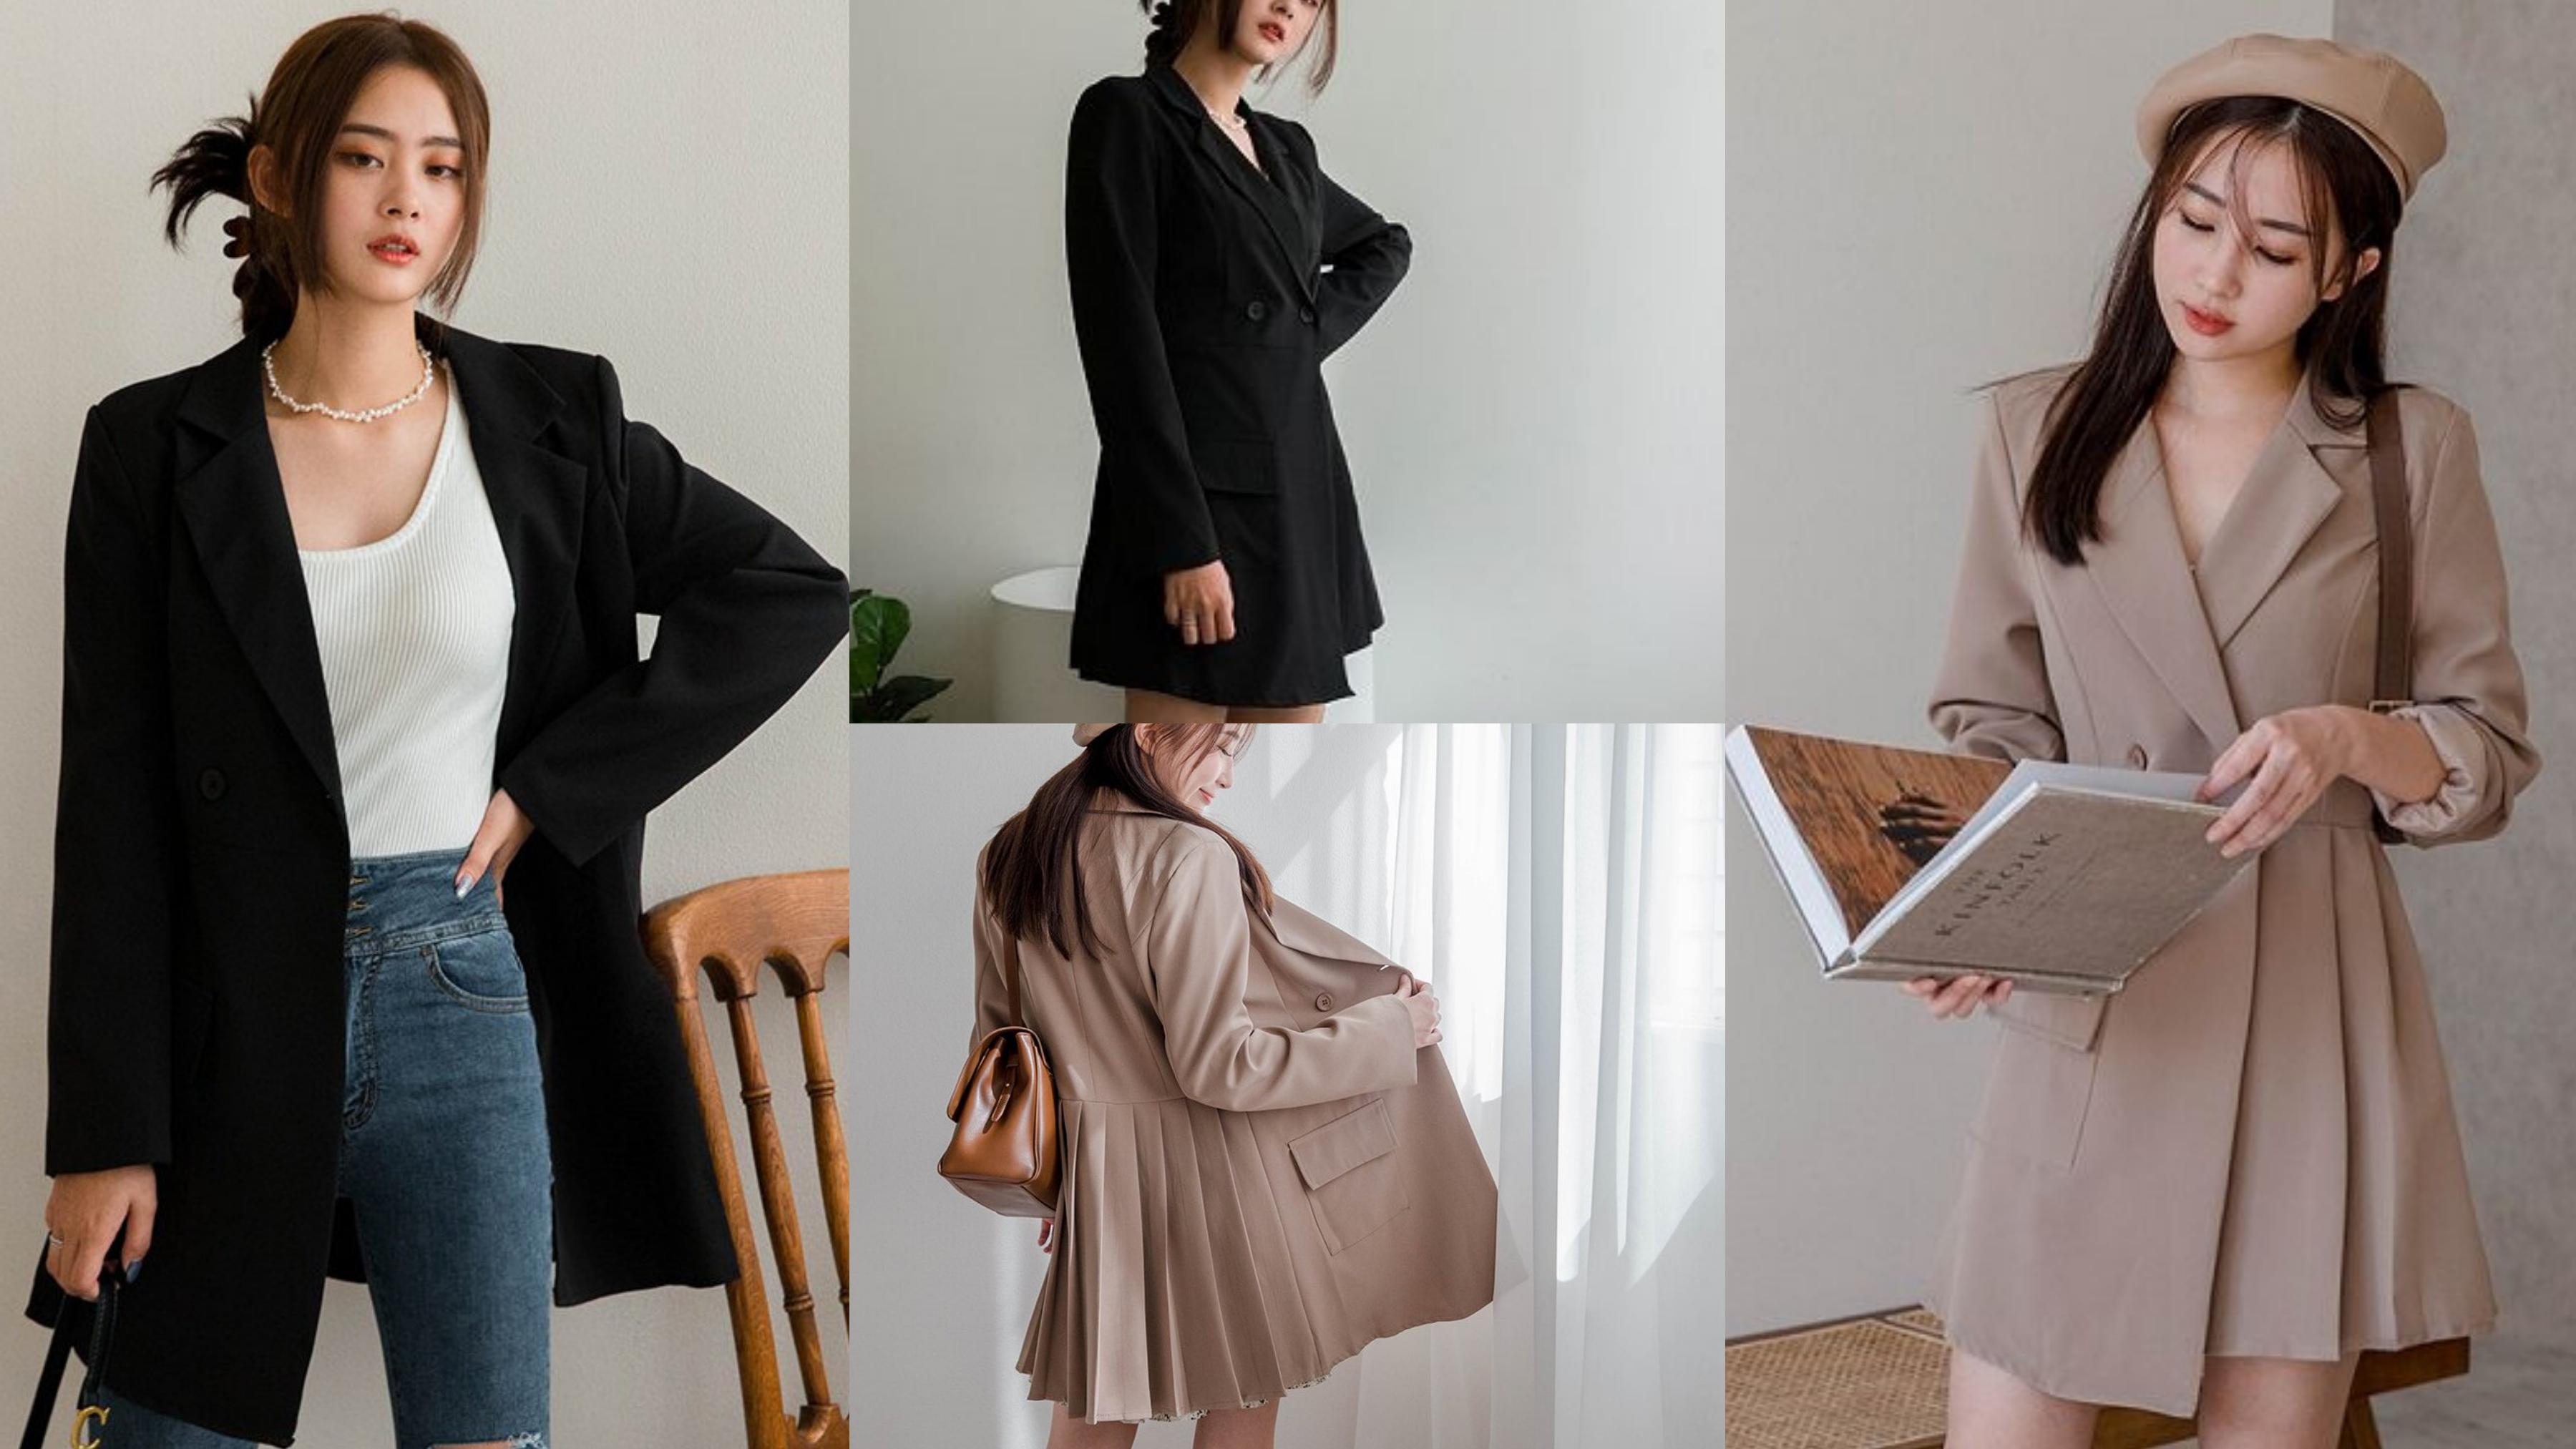 質感西裝領造型,搭配特殊的後百褶裙襬設計,修身又顯瘦